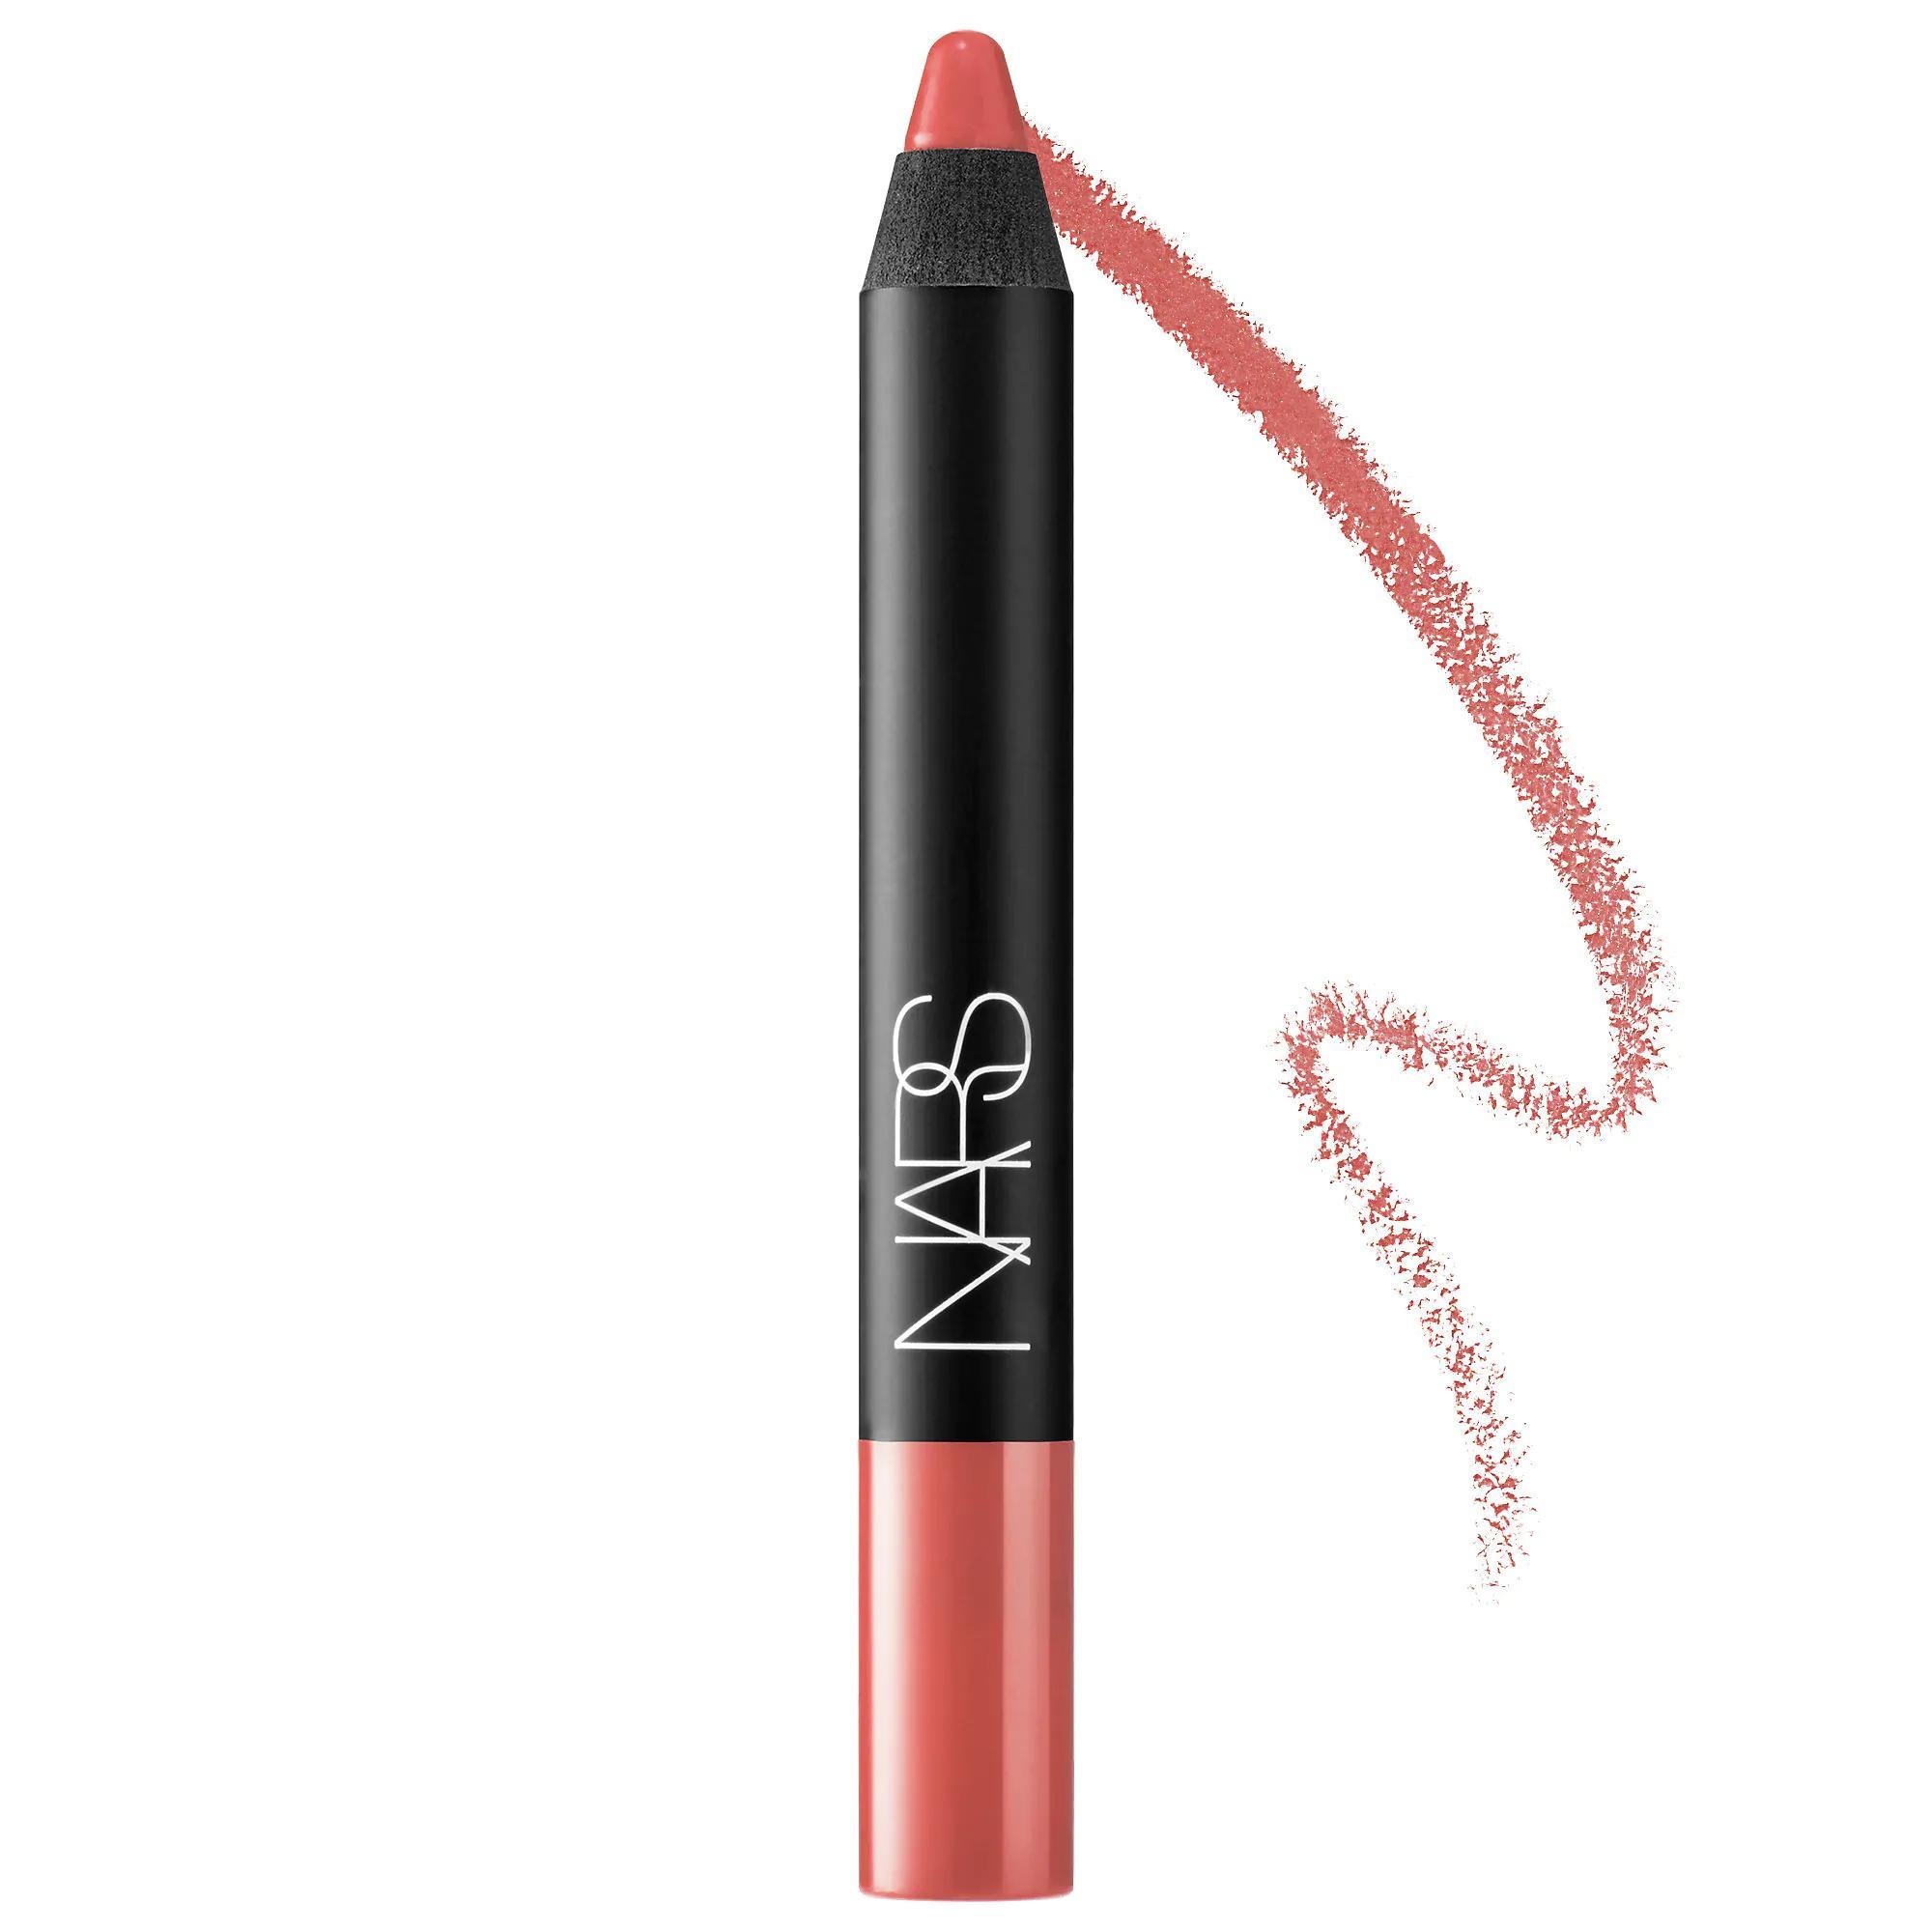 NARS Velvet Matte Lip Pencil Dance Fever